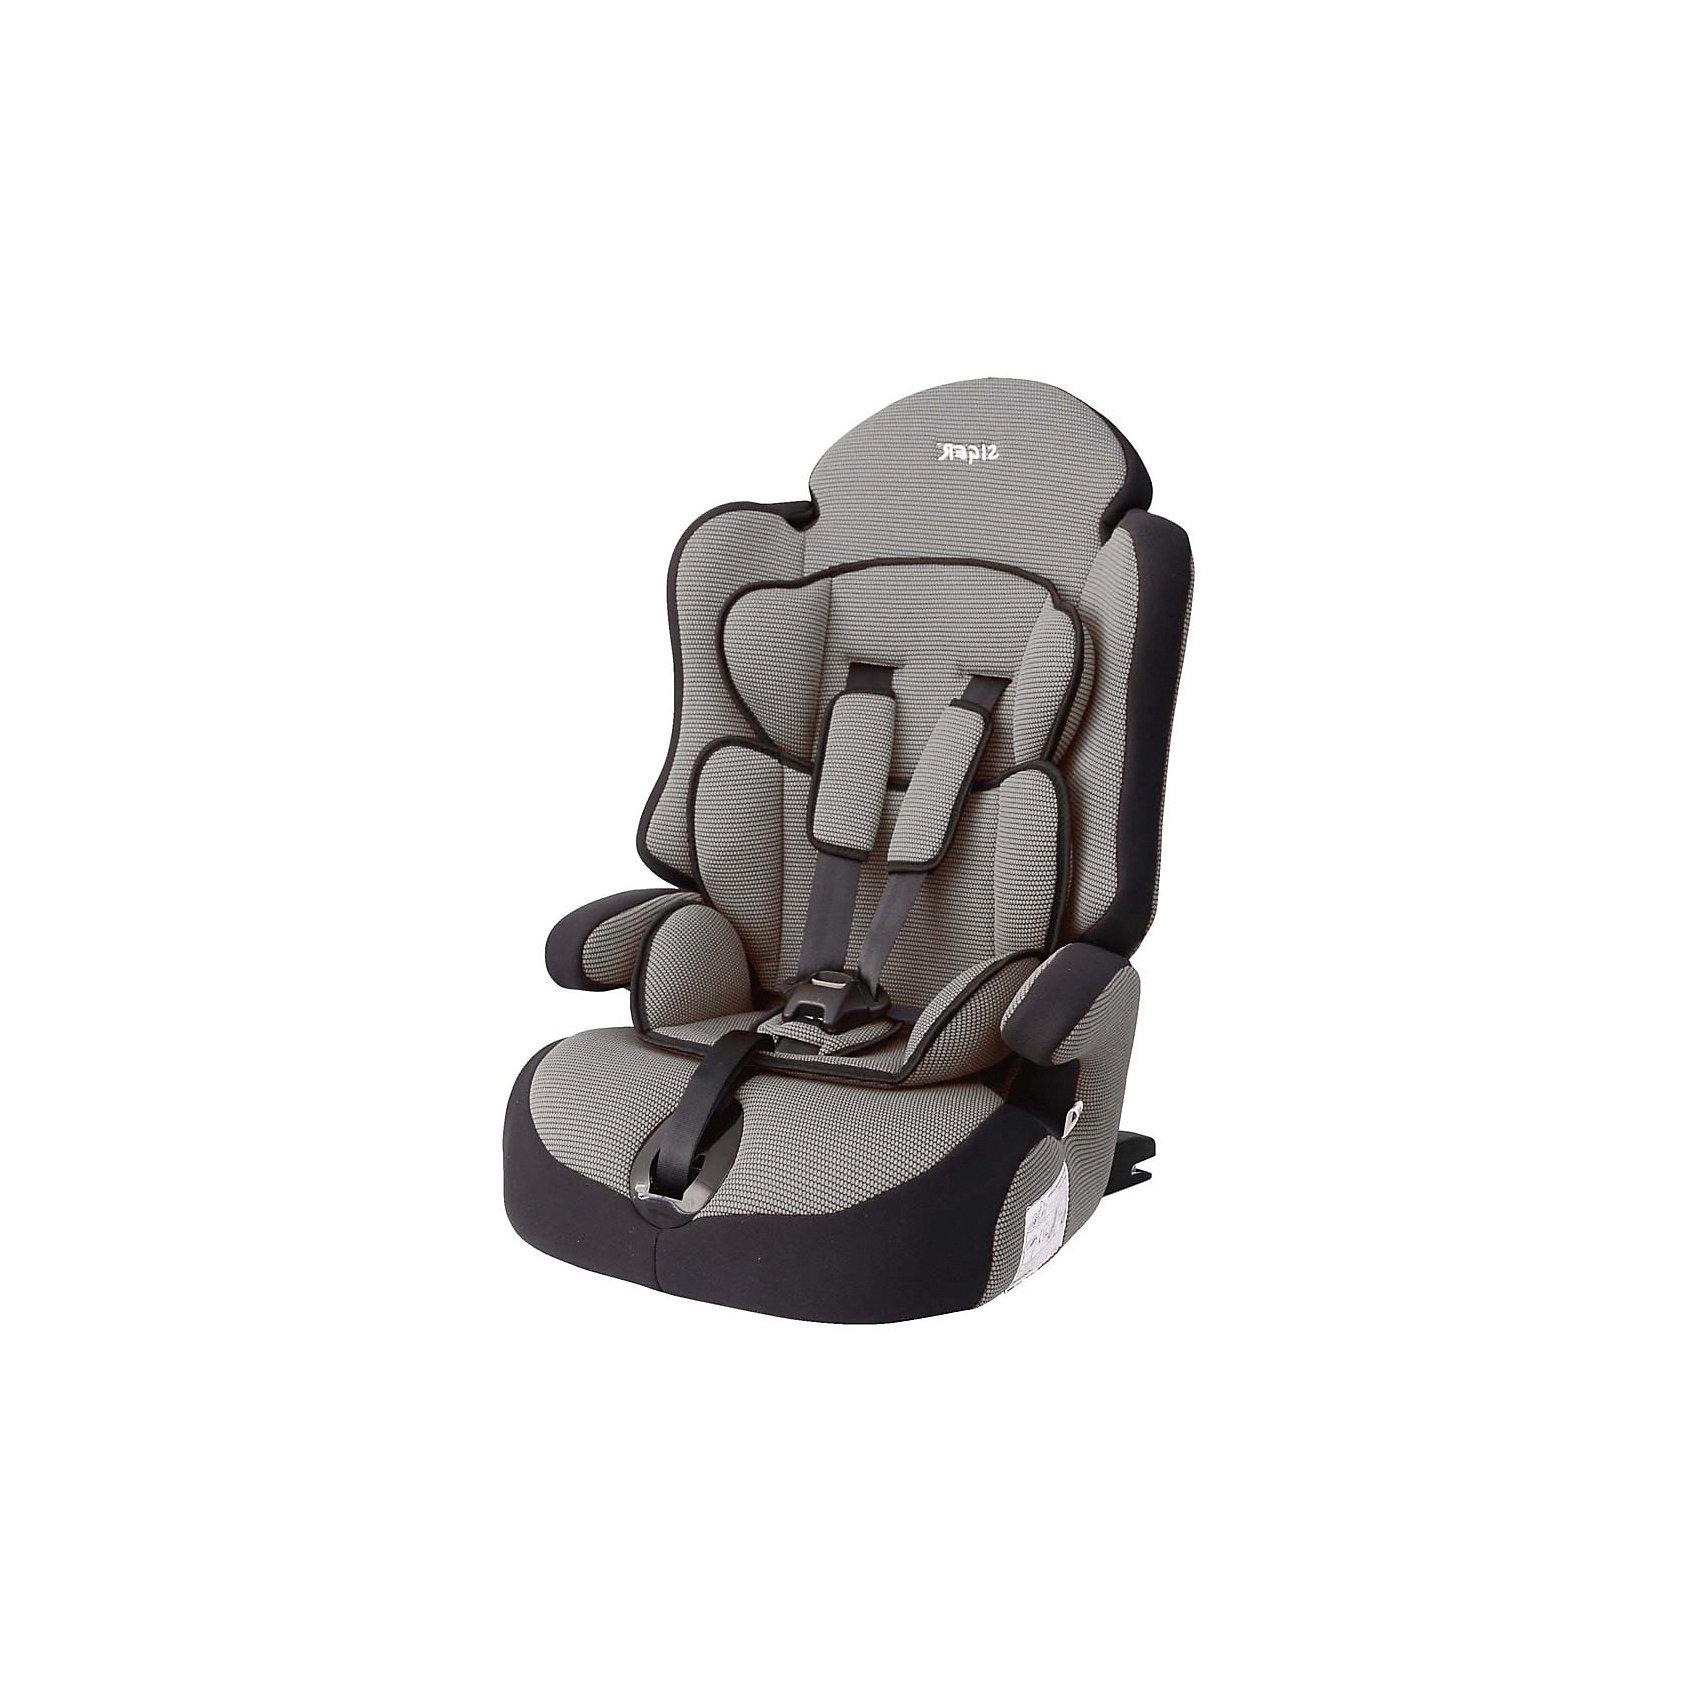 Автокресло Siger Прайм isofix 9-36 кг, серыйАвтокресла с креплением Isofix<br>Кресло SIGER Прайм-Isofix это современная и безопасная модель для детей в возрасте от 12 месяцев до 12 лет. Ортопедическая спинка и удобная форма подголовника создаст максимальный комфорт для ребенка во время путешествия. Отличительным свойством автокресла является простота и надежность крепления его к автомобилю, благодаря системе крепления ISOFIX.<br><br>Дополнительная информация:<br><br>- Материал: текстиль, пластик, металл.<br>- Размер: 45x44x67 см<br>- Возраст: от 12 месяцев до 12 лет<br>- Группа: 1/2/3 (9-36 кг)<br>- Вес кресла: 5.4 кг<br>- Внутренние 5-точечные ремни безопасности<br>- Вид крепления: система IZOFIX<br><br>Автокресло Прайм isofix 9-36 кг., Siger, серый можно купить в нашем интернет-магазине.<br><br>Ширина мм: 440<br>Глубина мм: 450<br>Высота мм: 670<br>Вес г: 6100<br>Возраст от месяцев: 12<br>Возраст до месяцев: 144<br>Пол: Унисекс<br>Возраст: Детский<br>SKU: 4809114